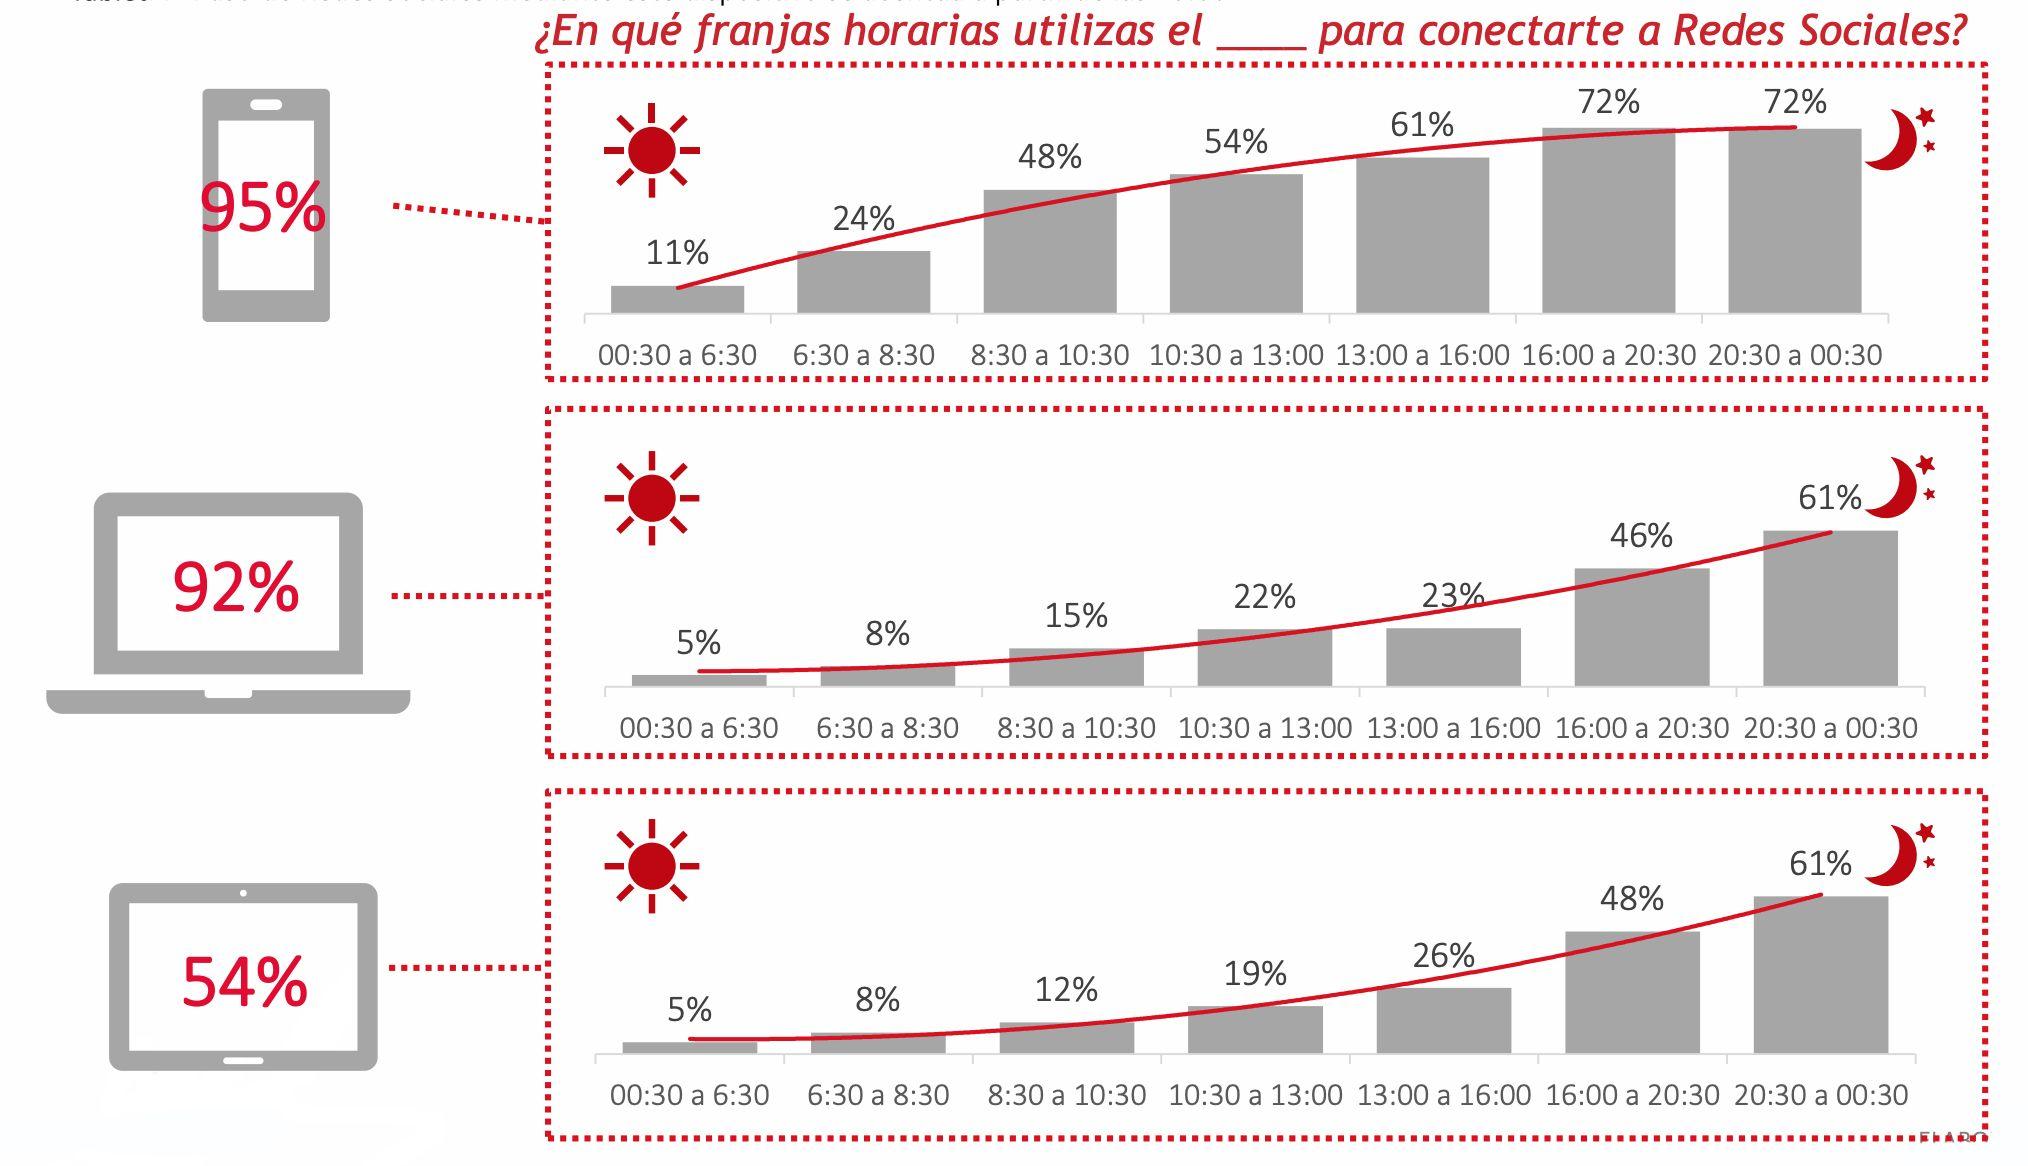 Franjas-horarias-en-las-que-se-utilizan-las-redes-sociales_España_2019_Wave-On-Media